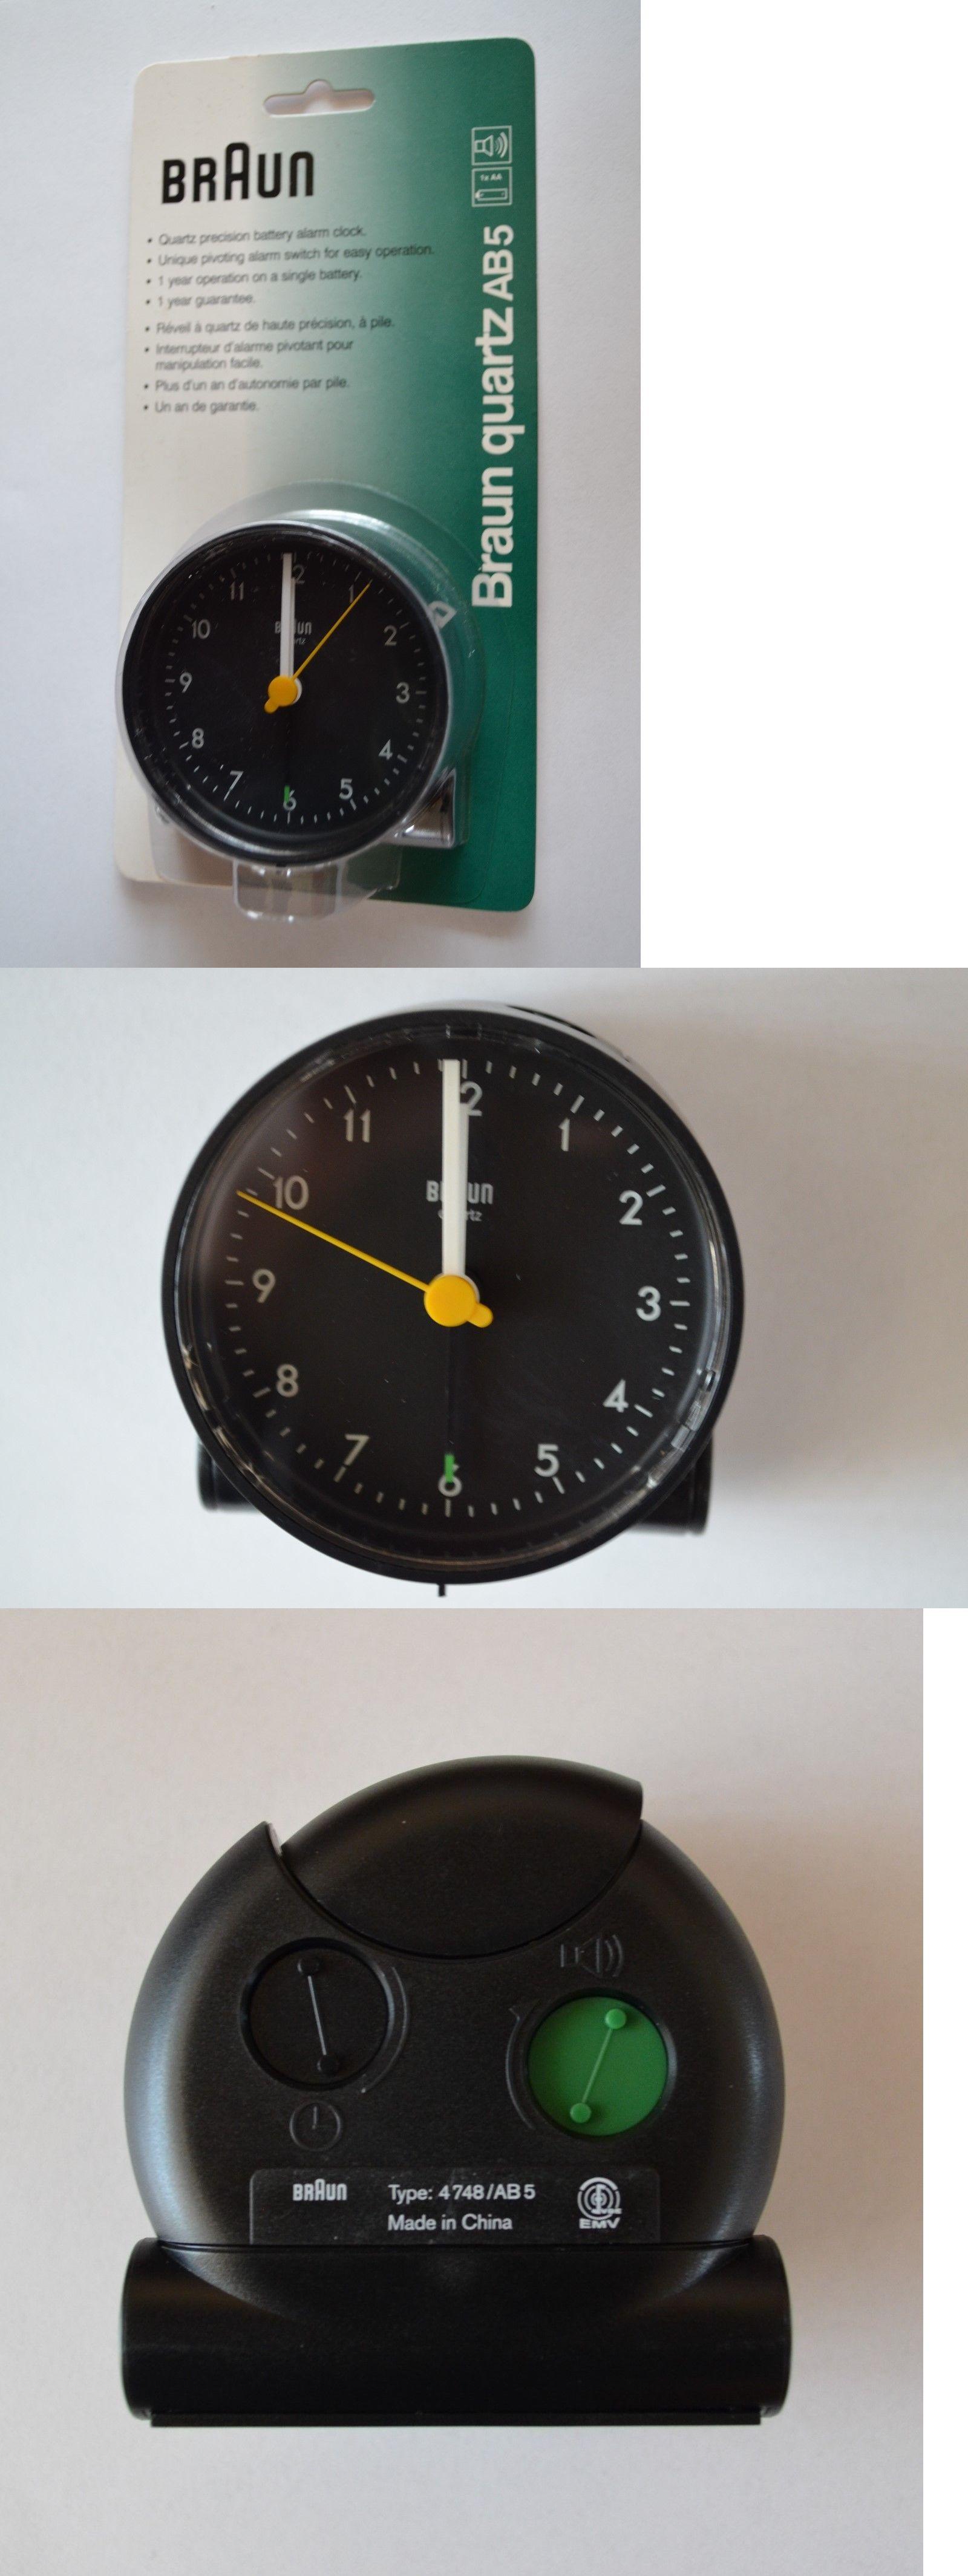 Braun Travel Alarm Clock Quartz Ab5 Travel Alarm Clock Boxes For Sale Clock